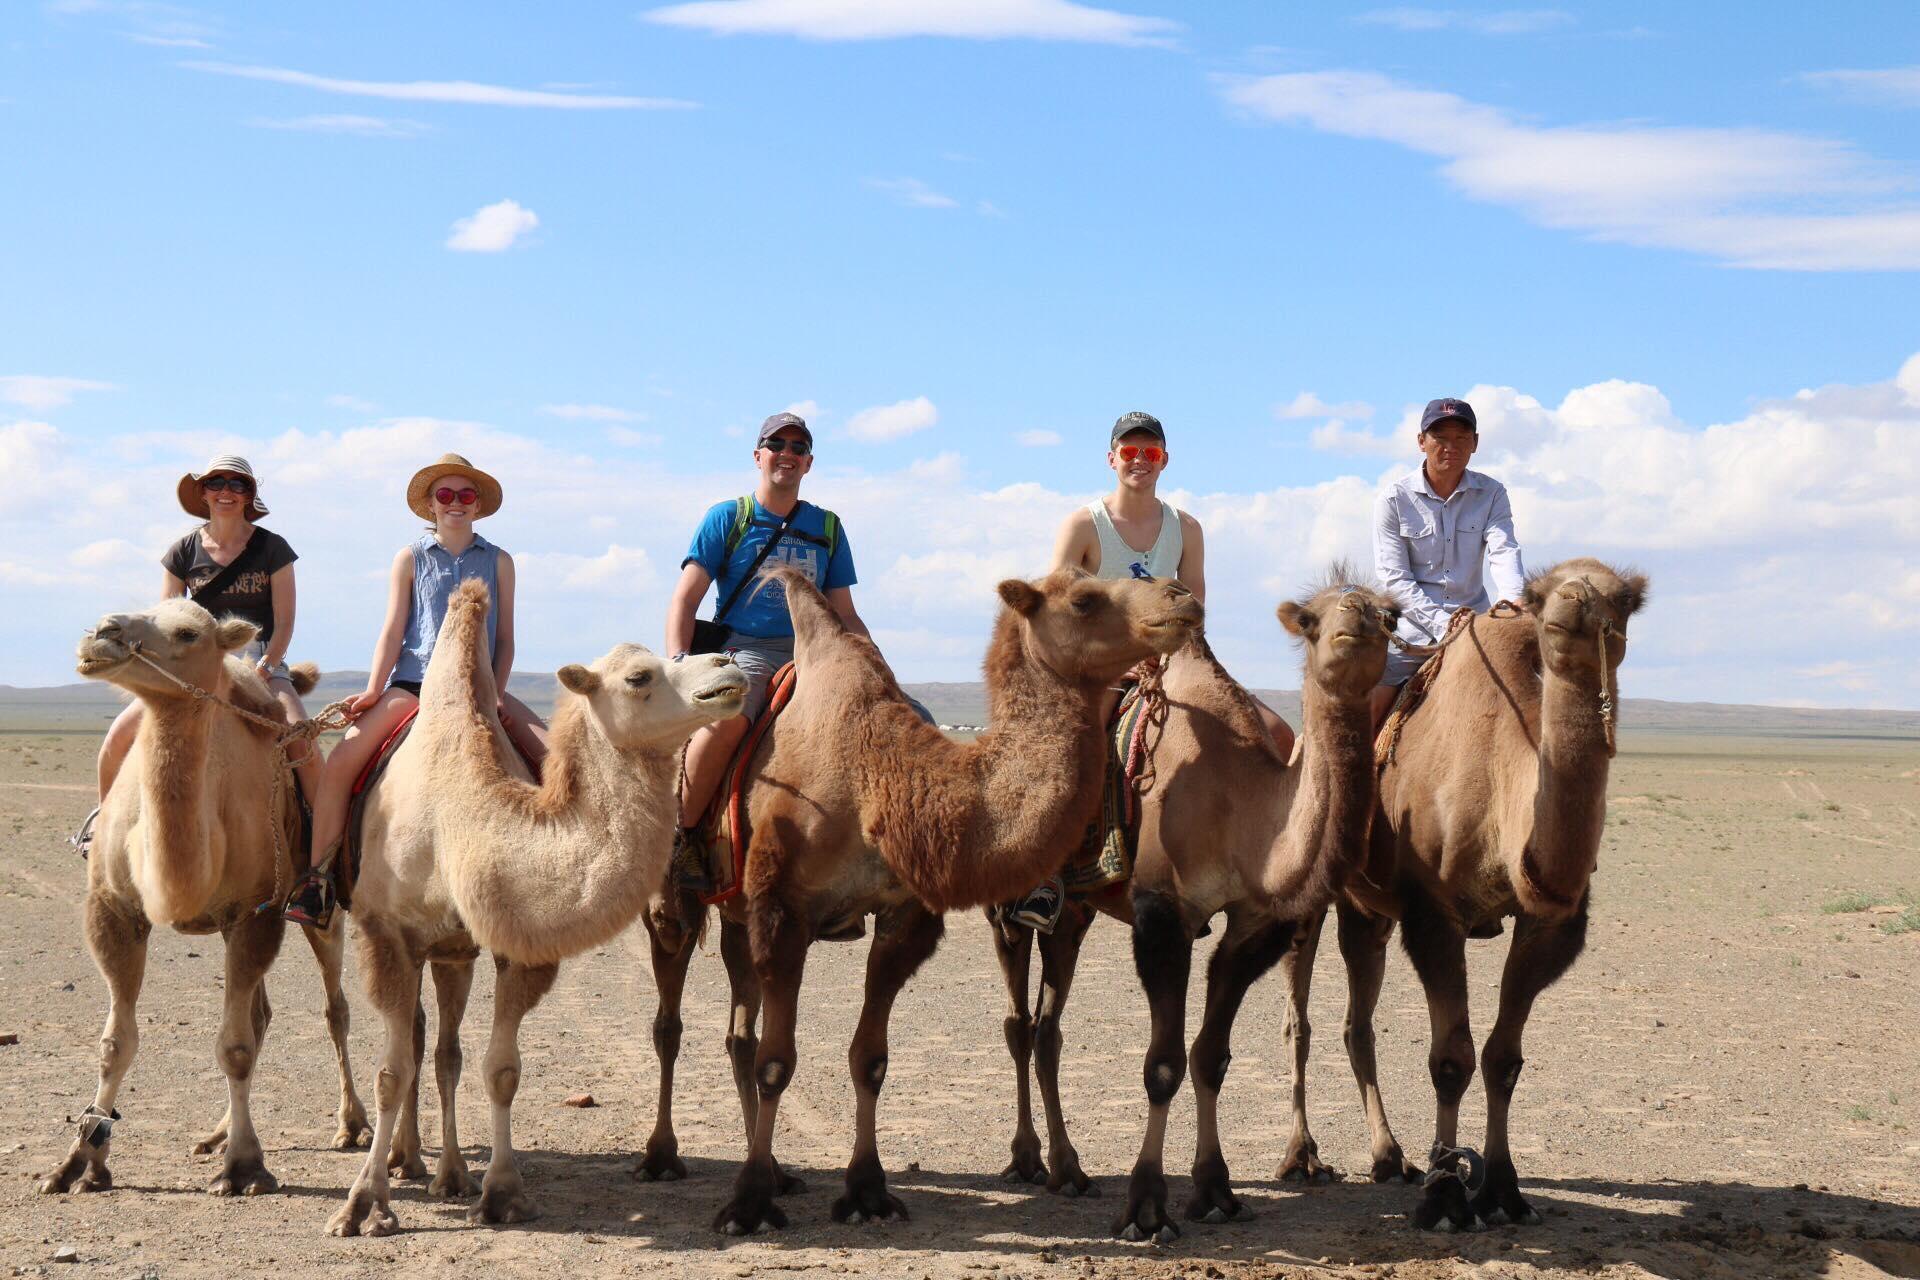 camel riding in Gobi